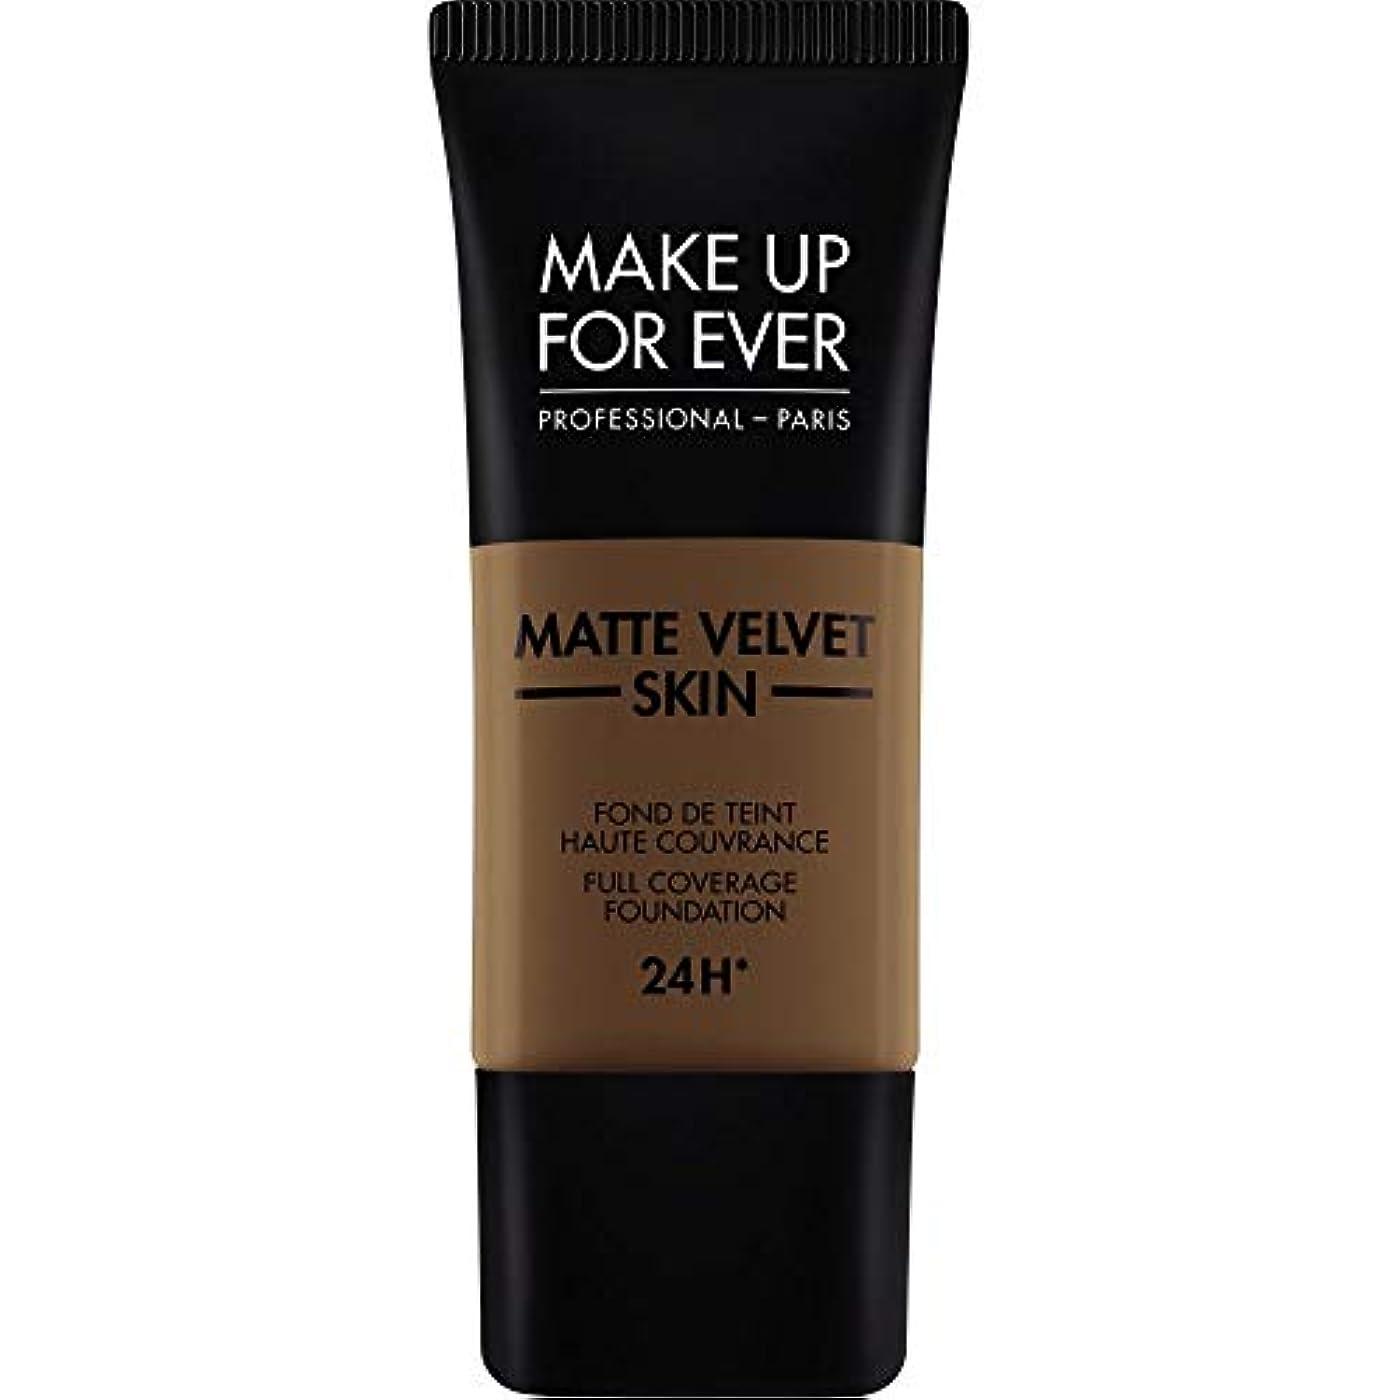 部門わなレザー[MAKE UP FOR EVER ] ダークブラウン - これまでマットベルベットの皮膚のフルカバレッジ基礎30ミリリットルのR540を補います - MAKE UP FOR EVER Matte Velvet Skin...